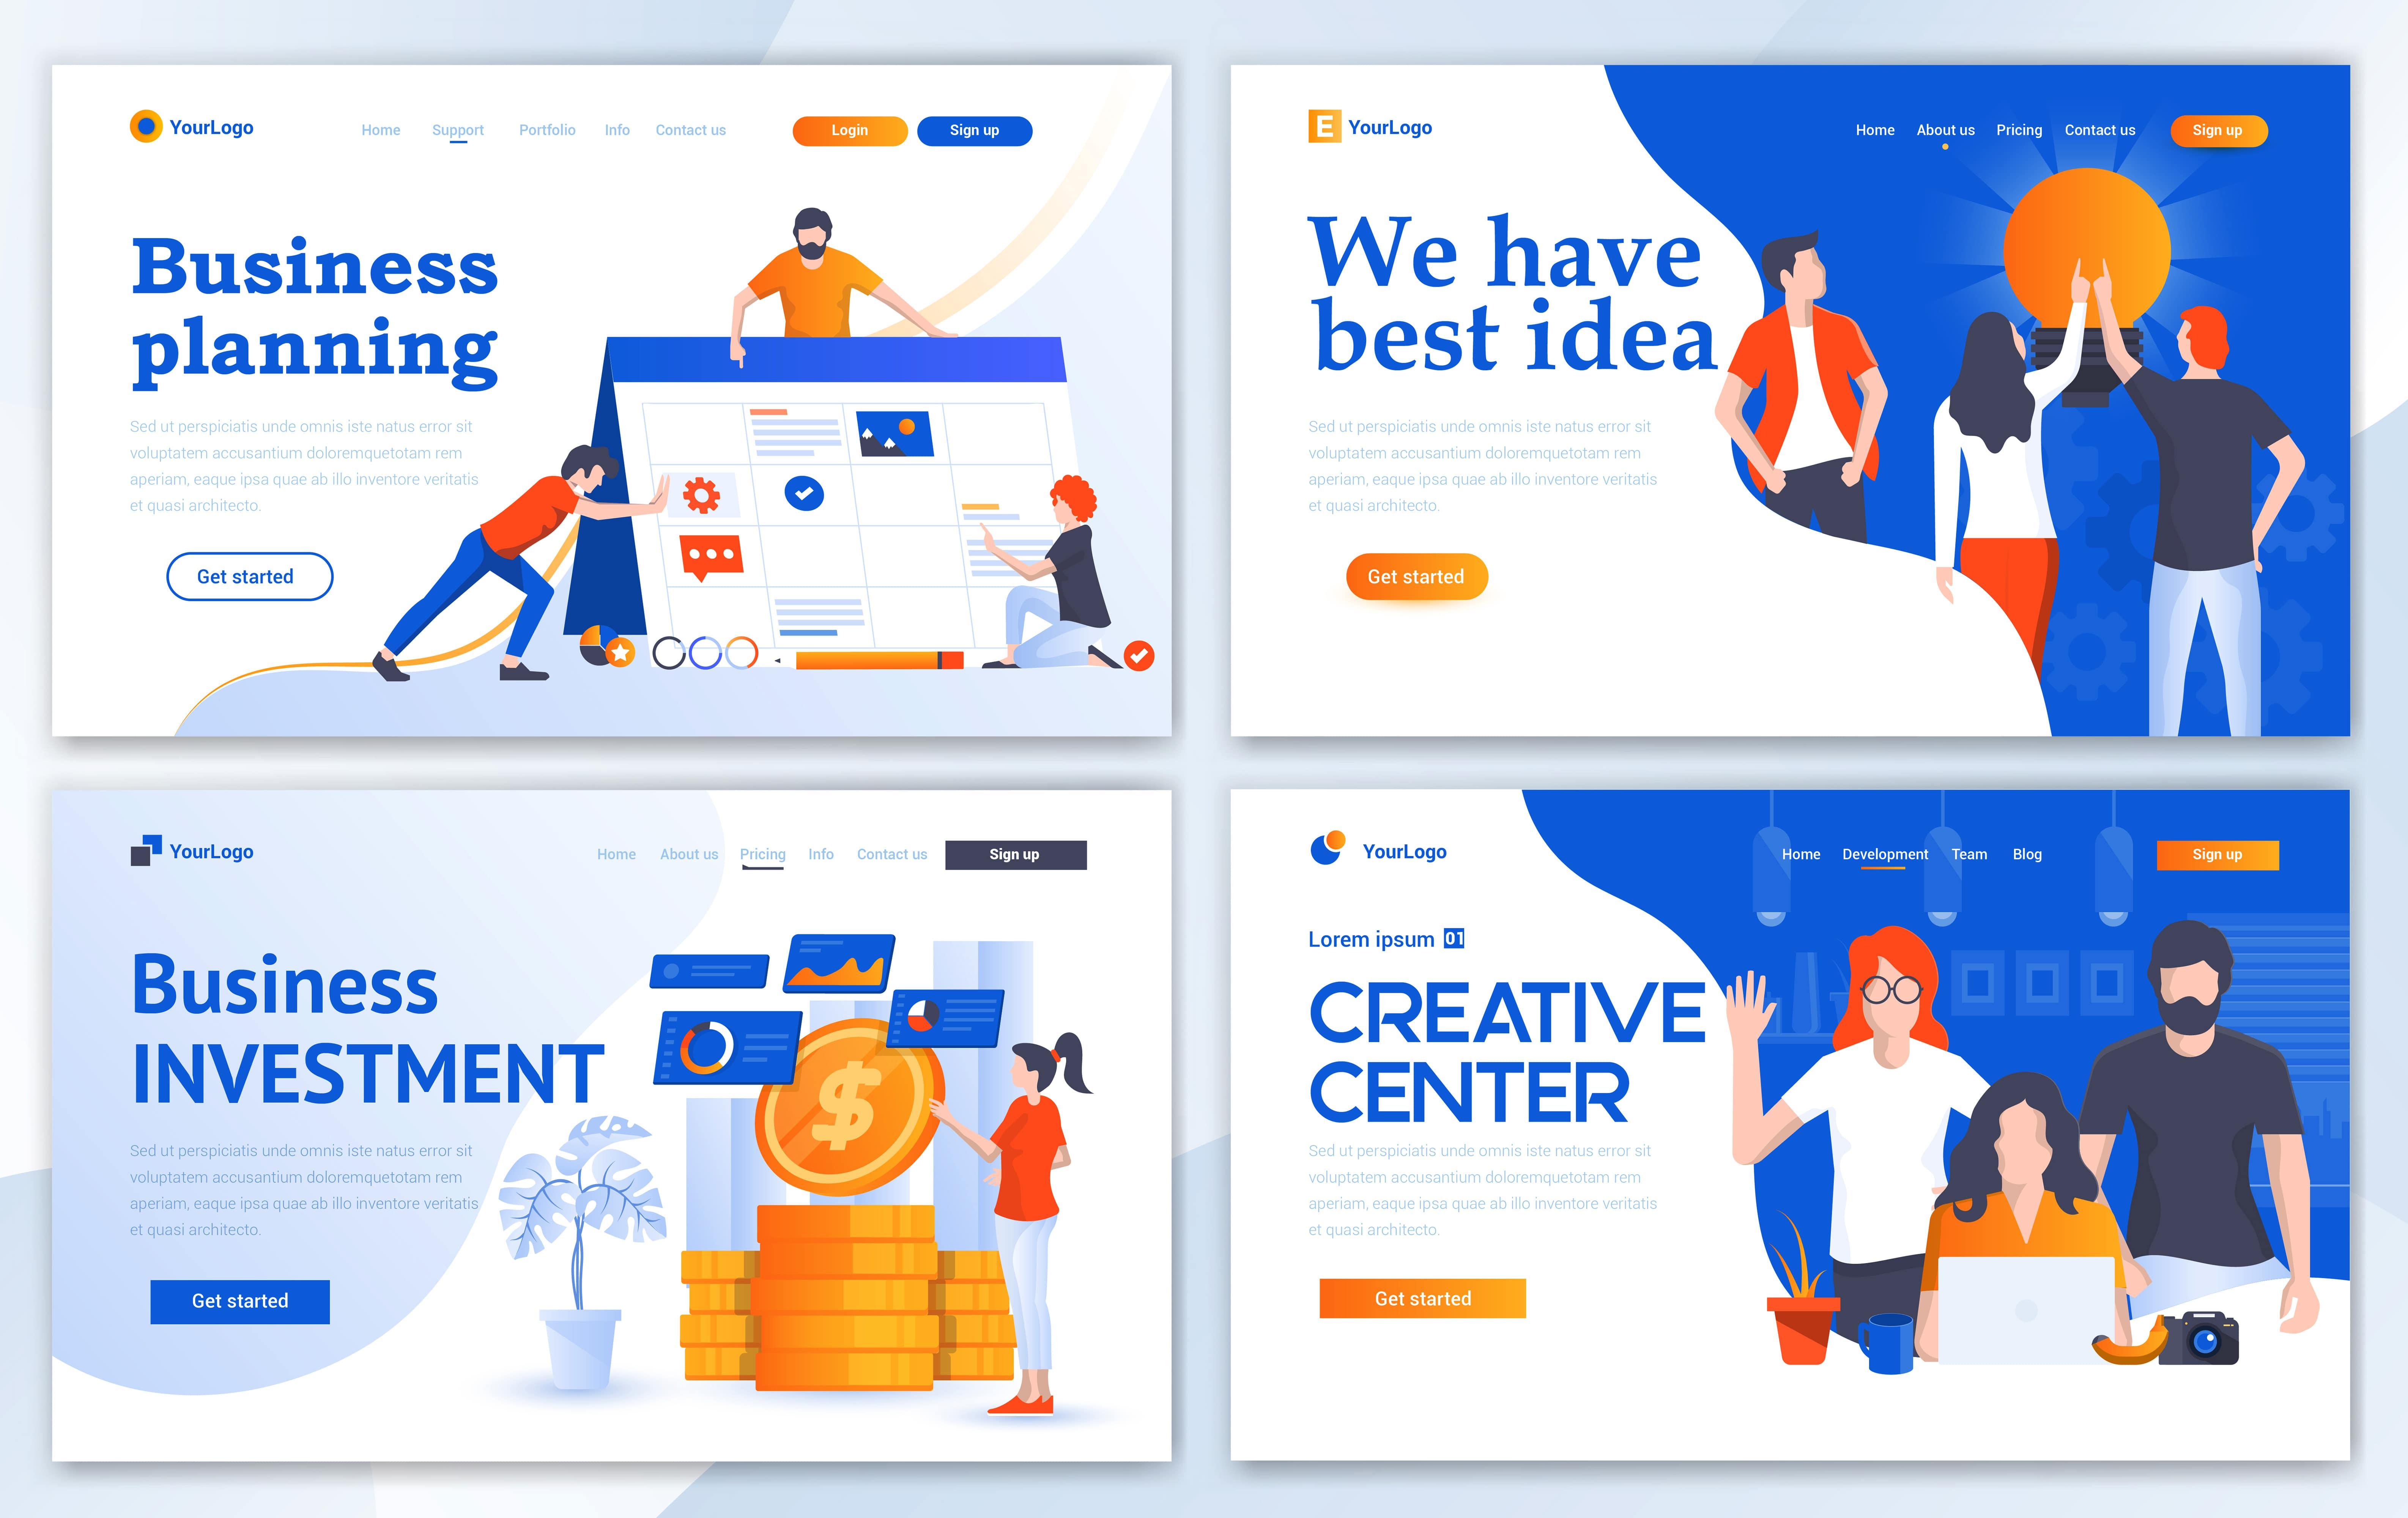 مجموعه الگوهای طراحی وب (تجارت)